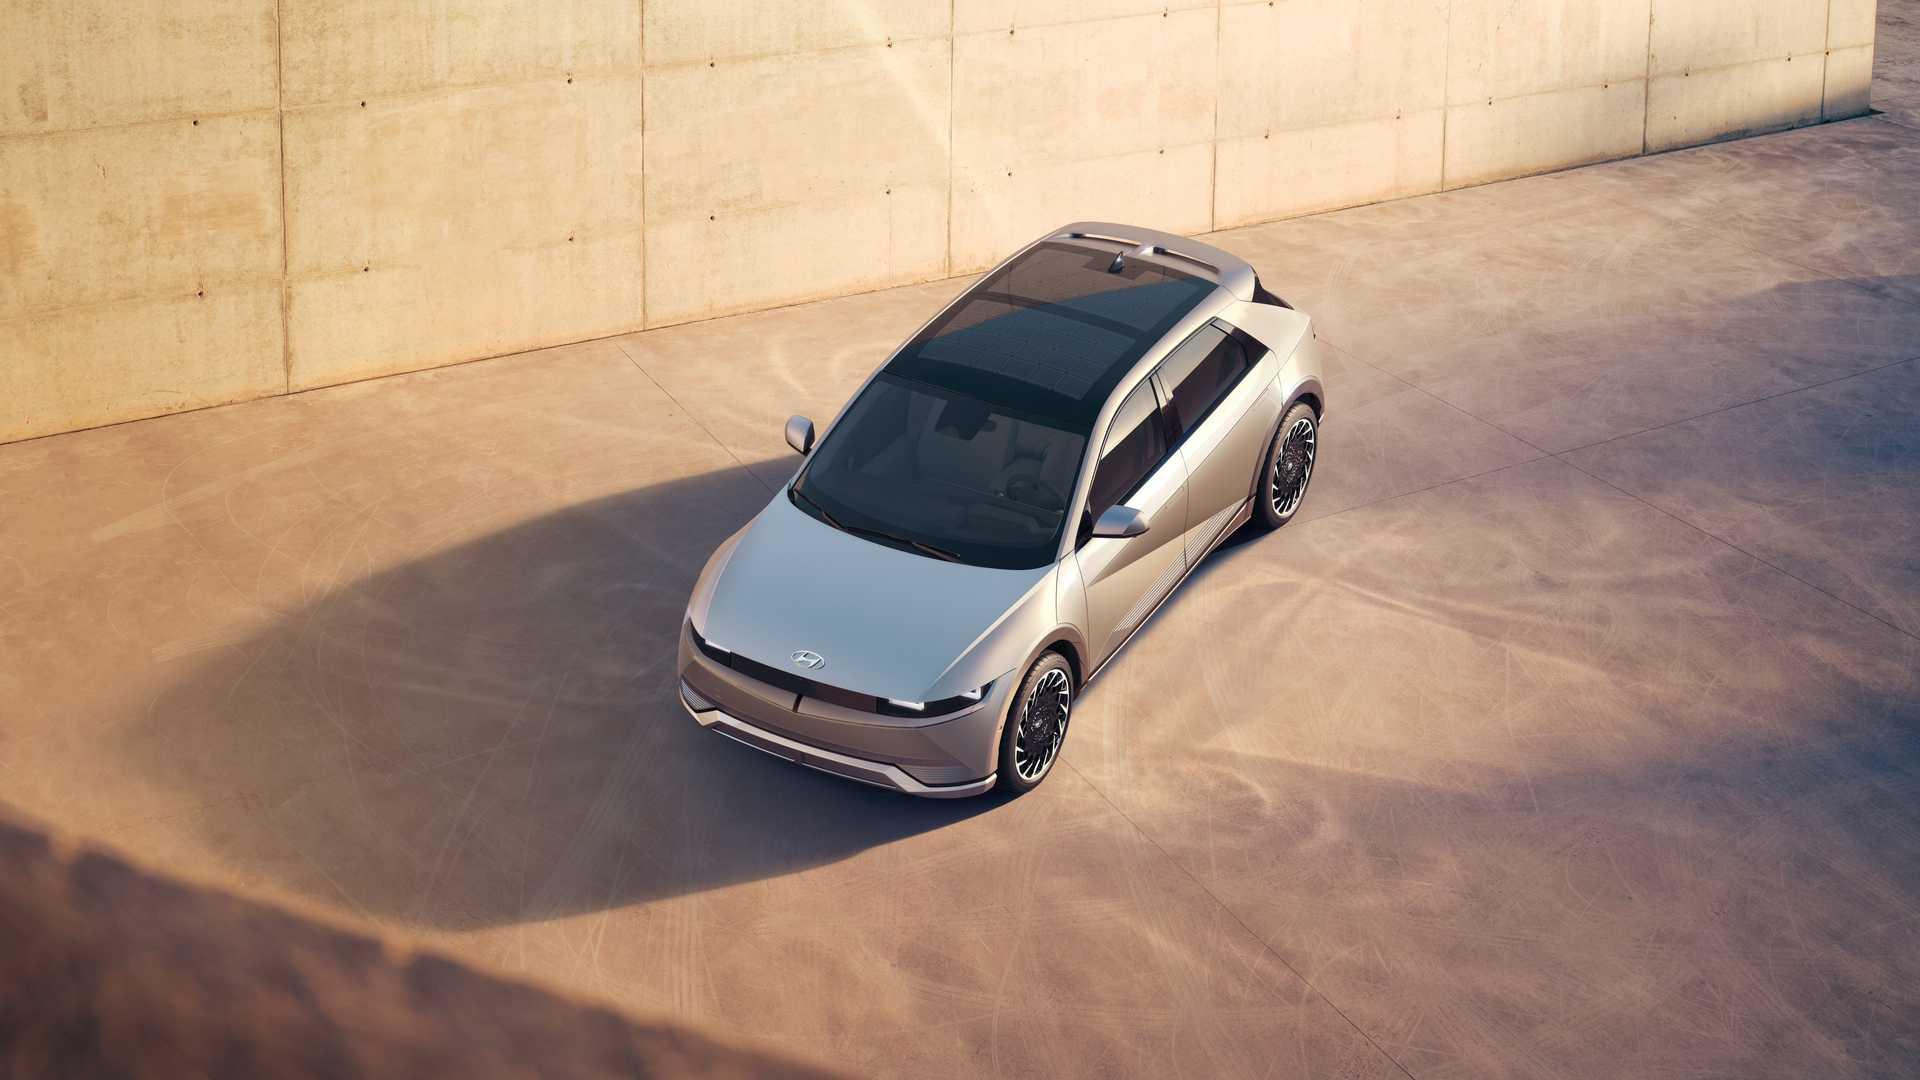 Hyundai Ioniq 5 Top View